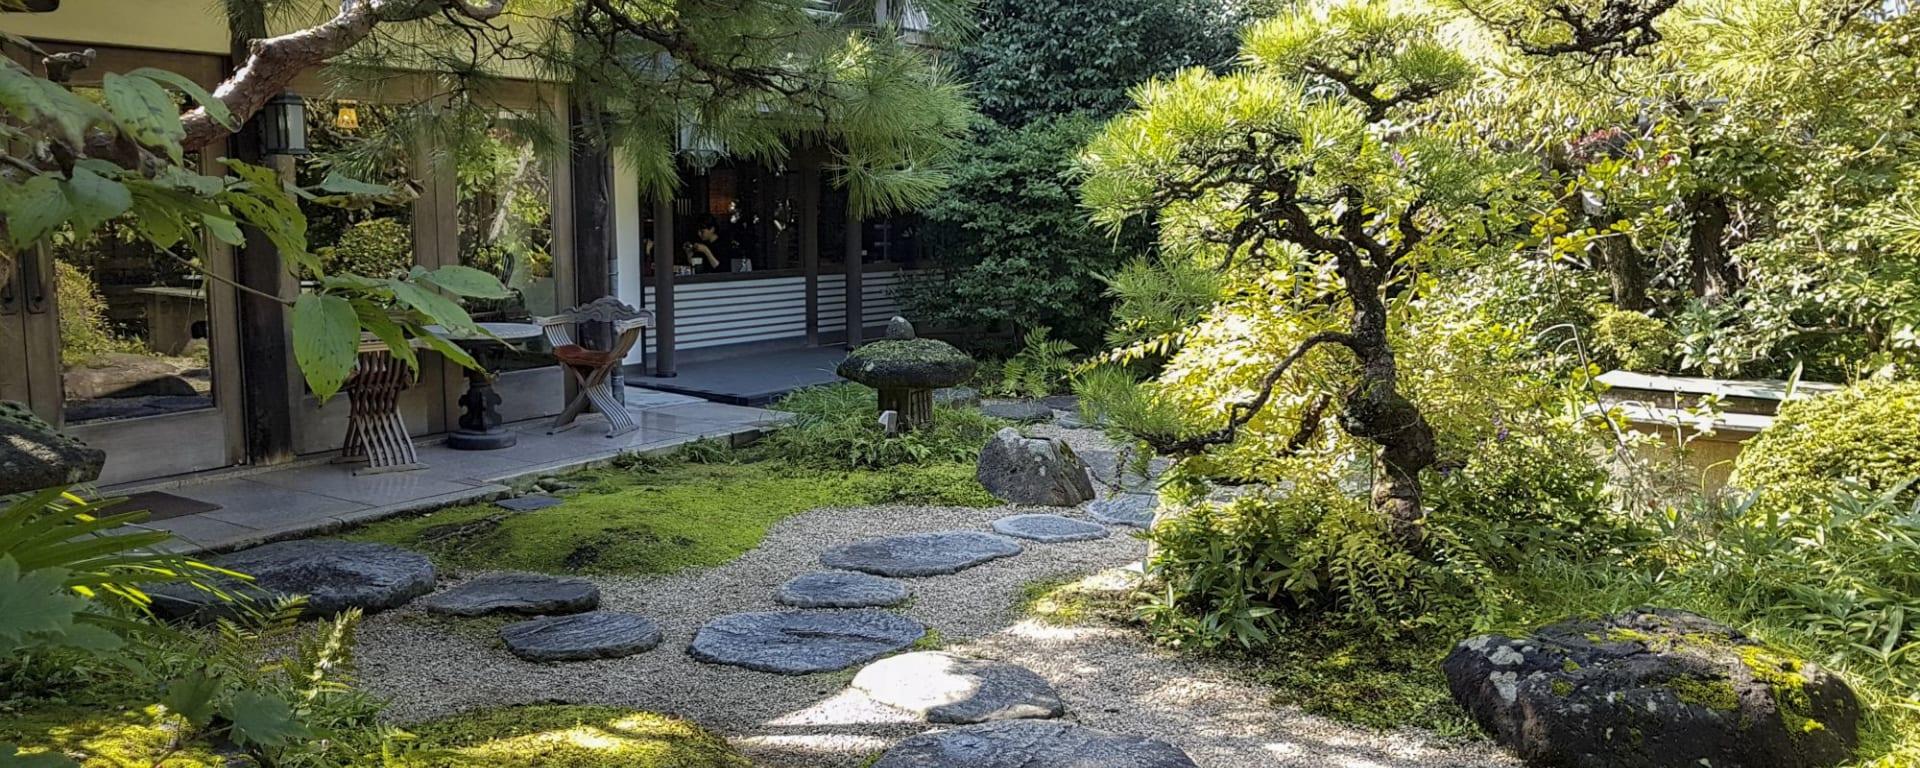 Kurashiki - Japans Traditionen hautnah erleben ab Okayama: facilities: Ryokan Kurashiki Garden